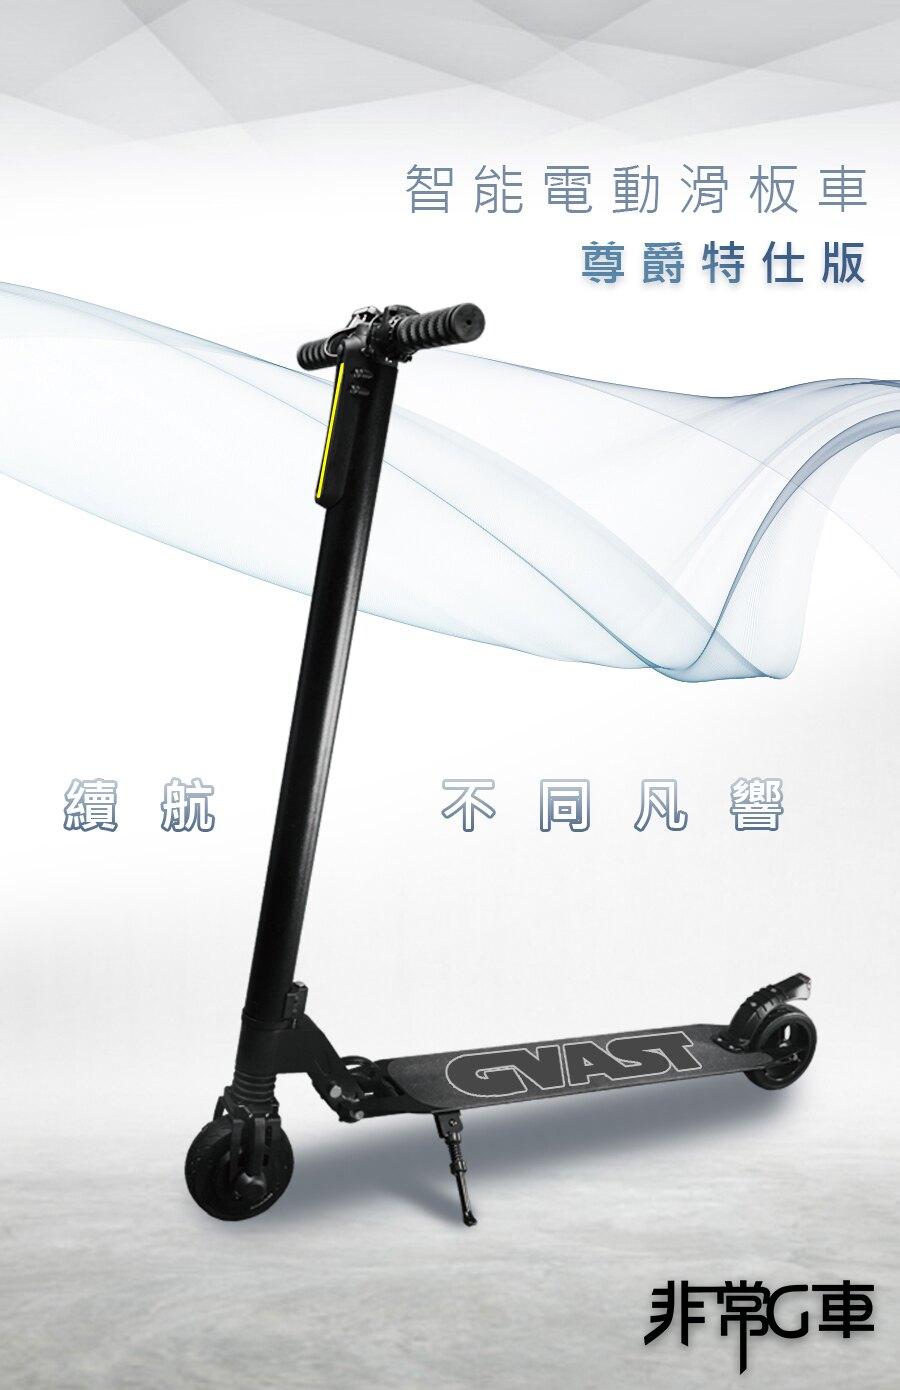 【非常G車】AX5V 5.5吋 電動滑板車(特仕版)